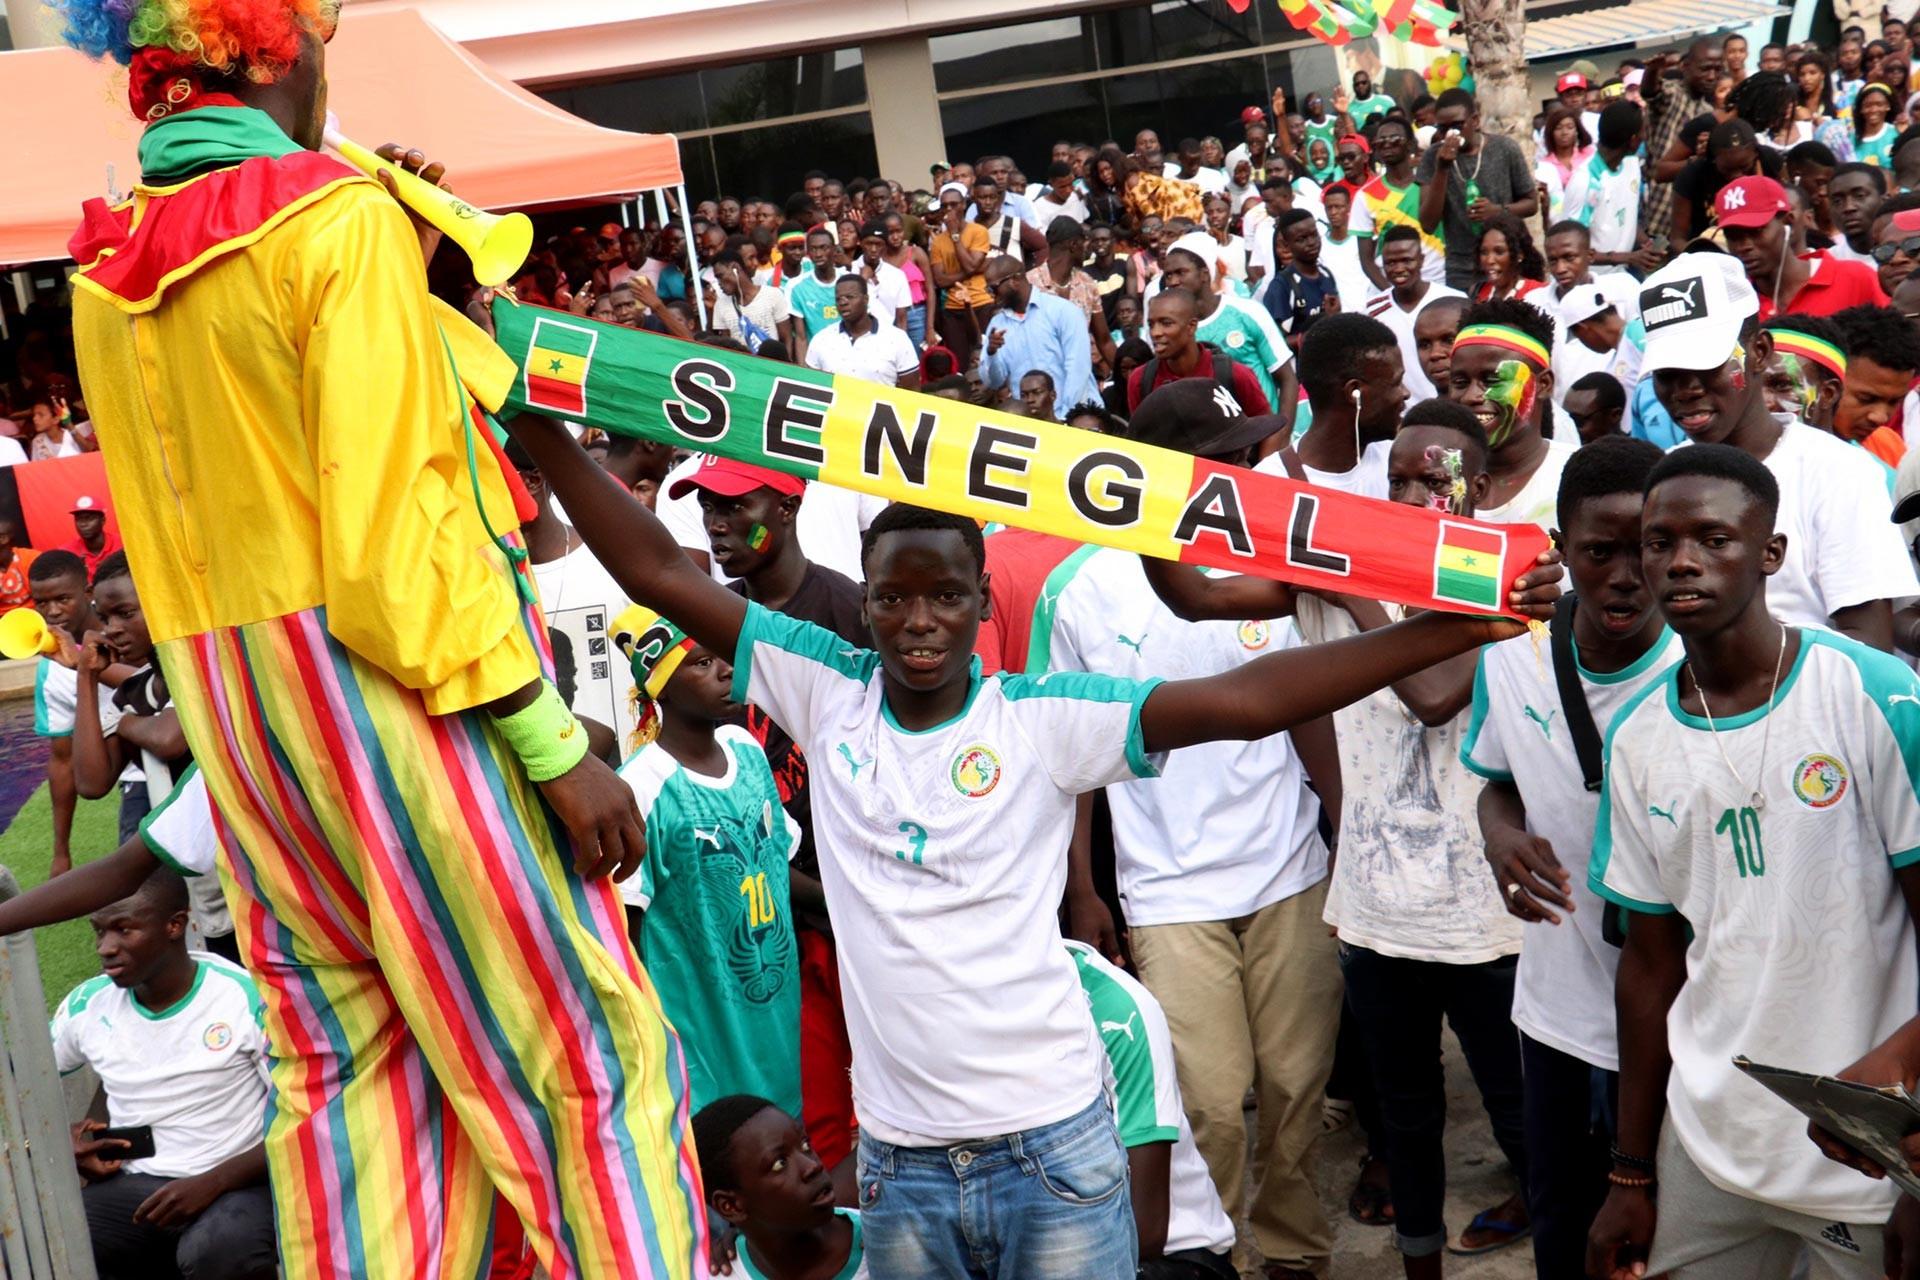 Senegalliler yarı finale yükselmenin sevincini yaşadı